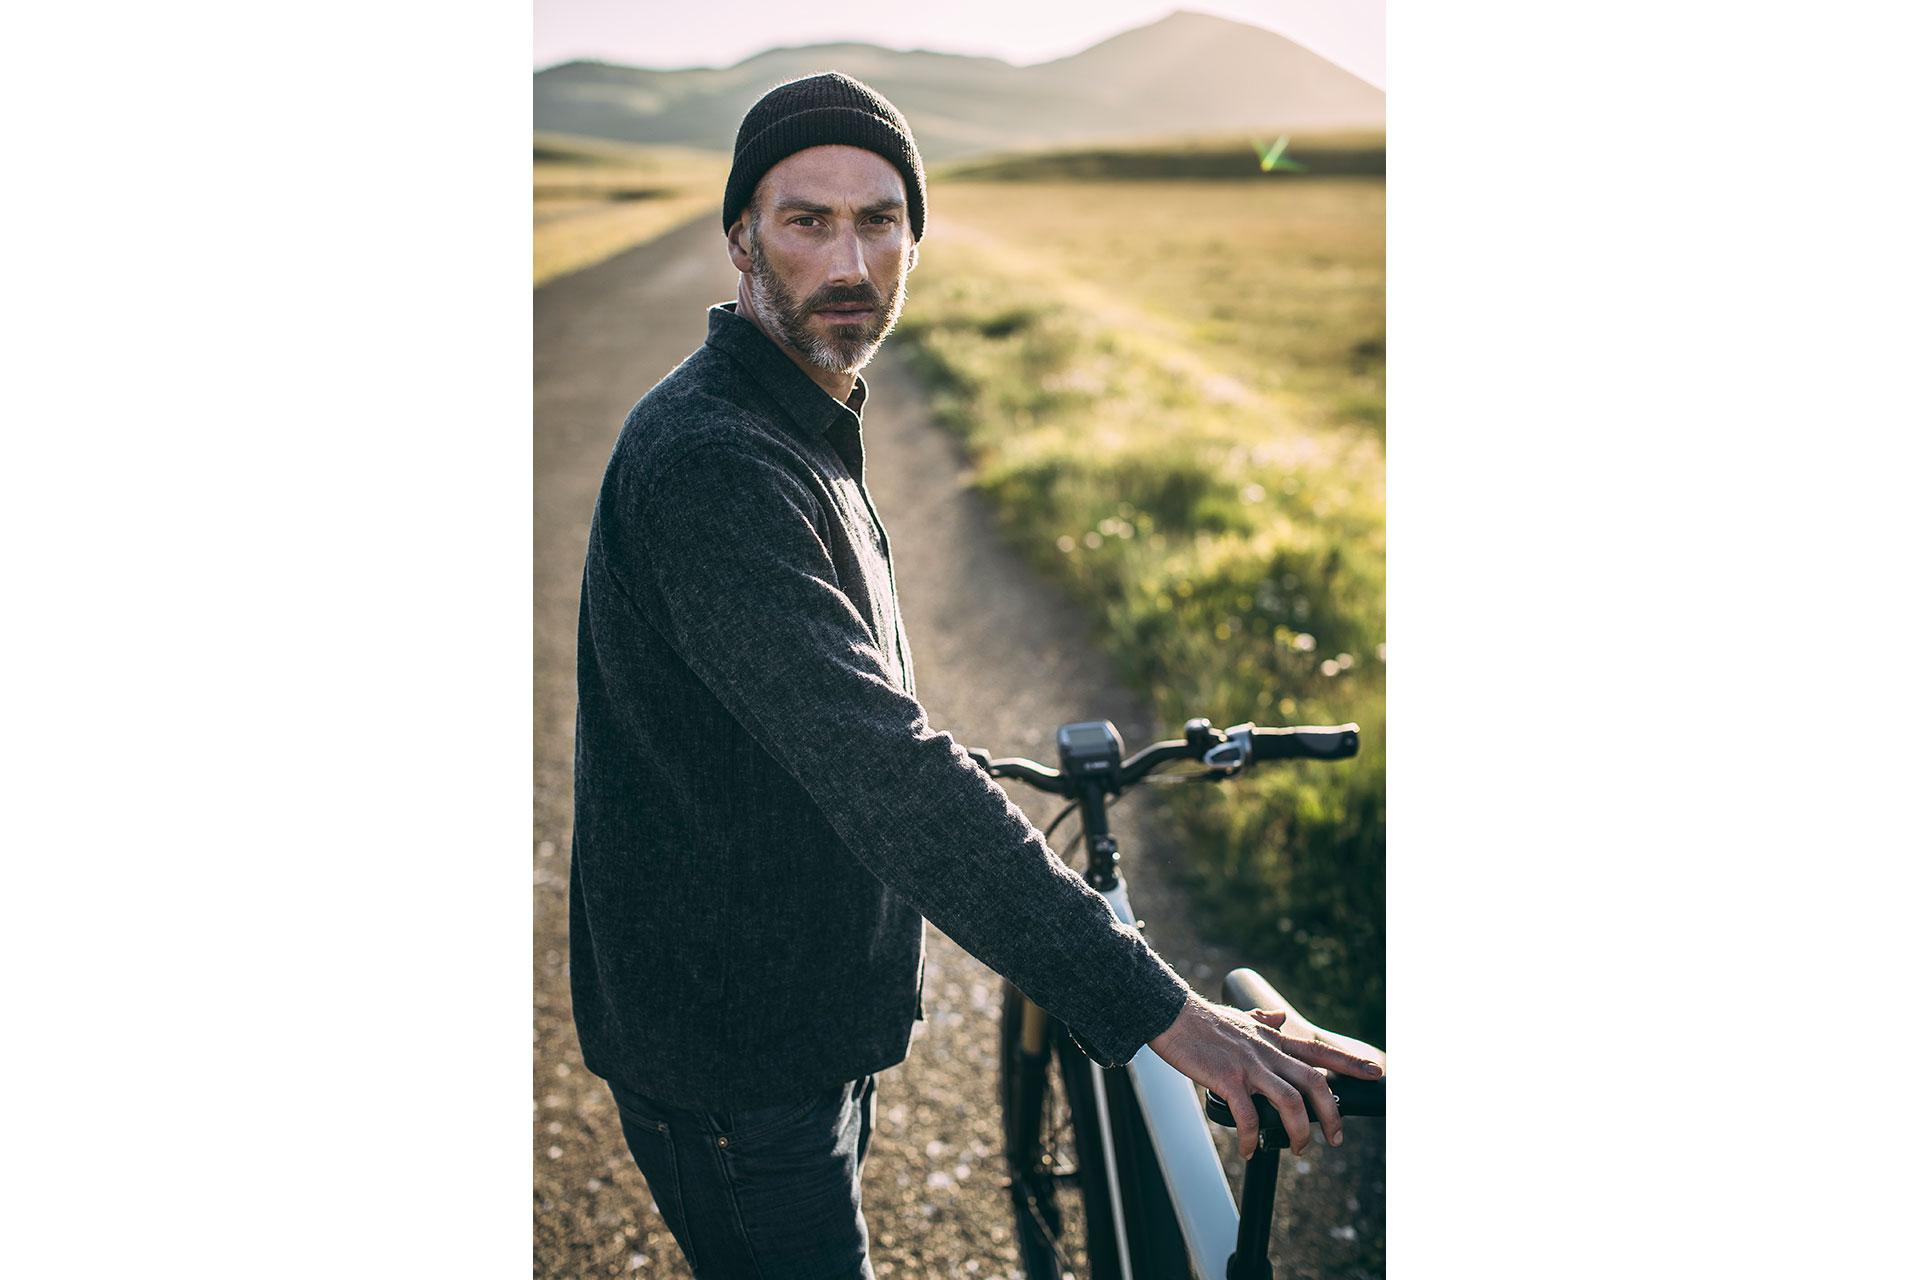 Stuttgart Ebike Fahrrad Lifestyle Fotograf Sport Outdoor Gegenlicht Deutschland Michael Müller